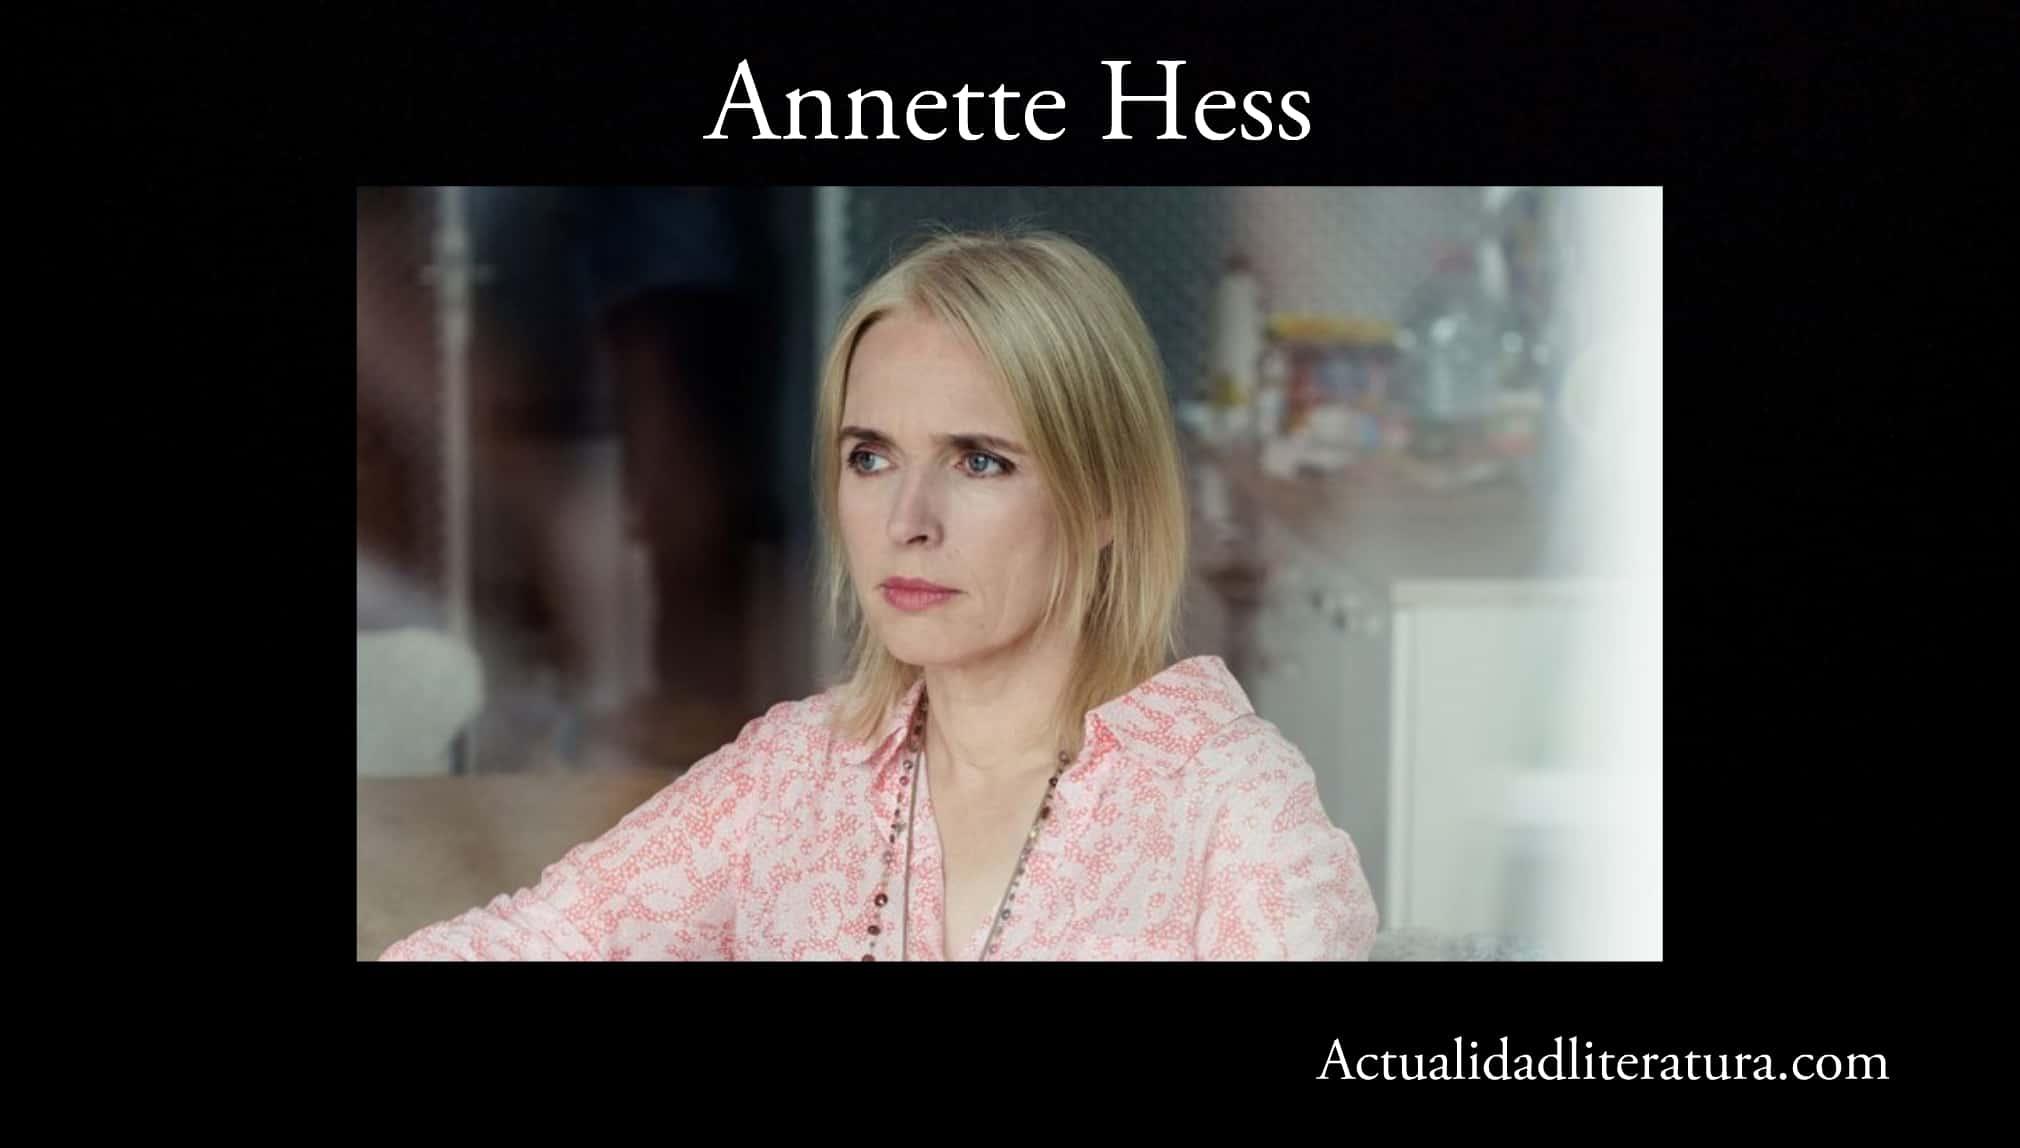 Annette Hess.